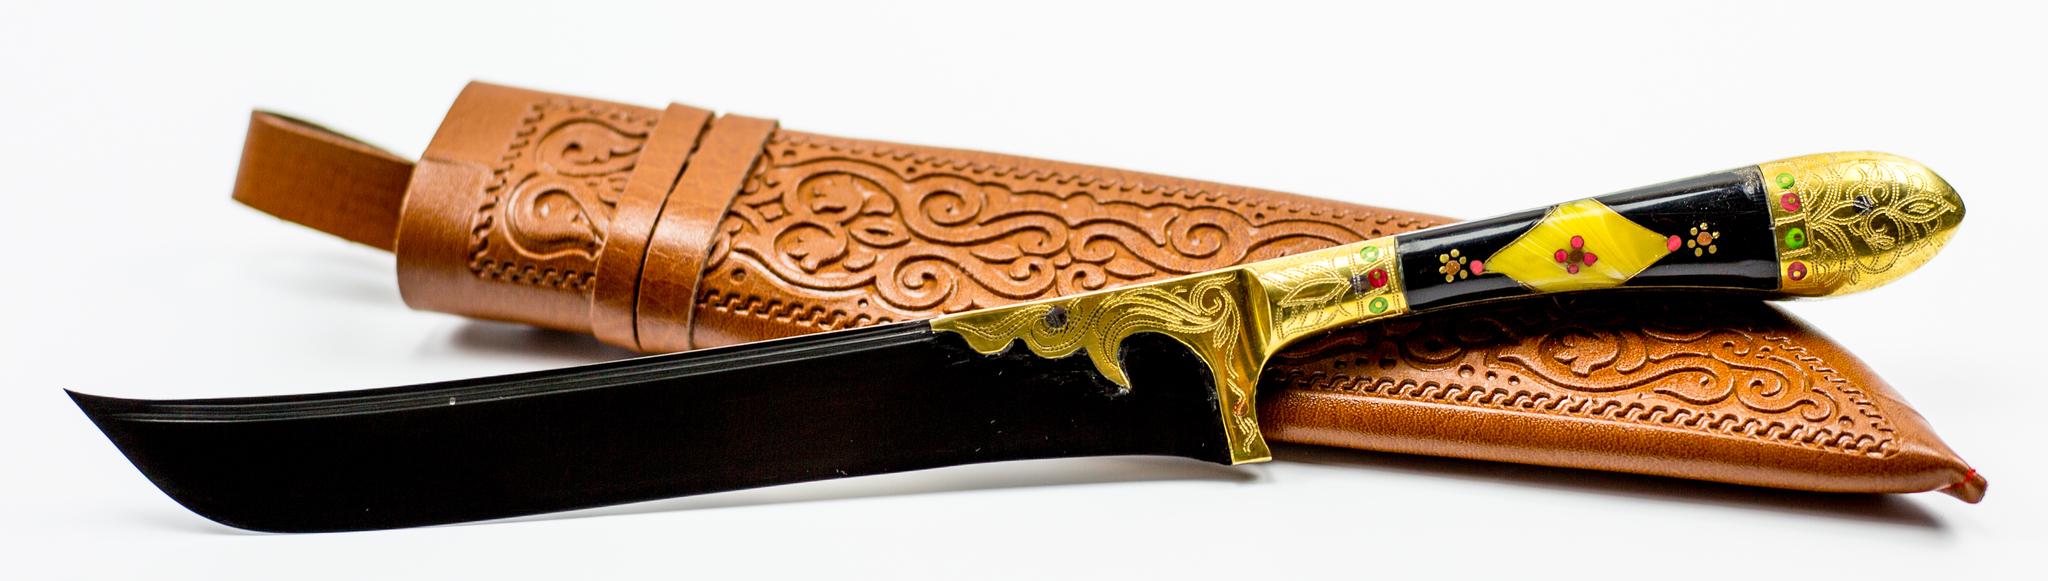 Пчак Элитный , узорная гардаУзбекские ножи Пчак<br>Узбекский универсальный нож Пчак.<br>